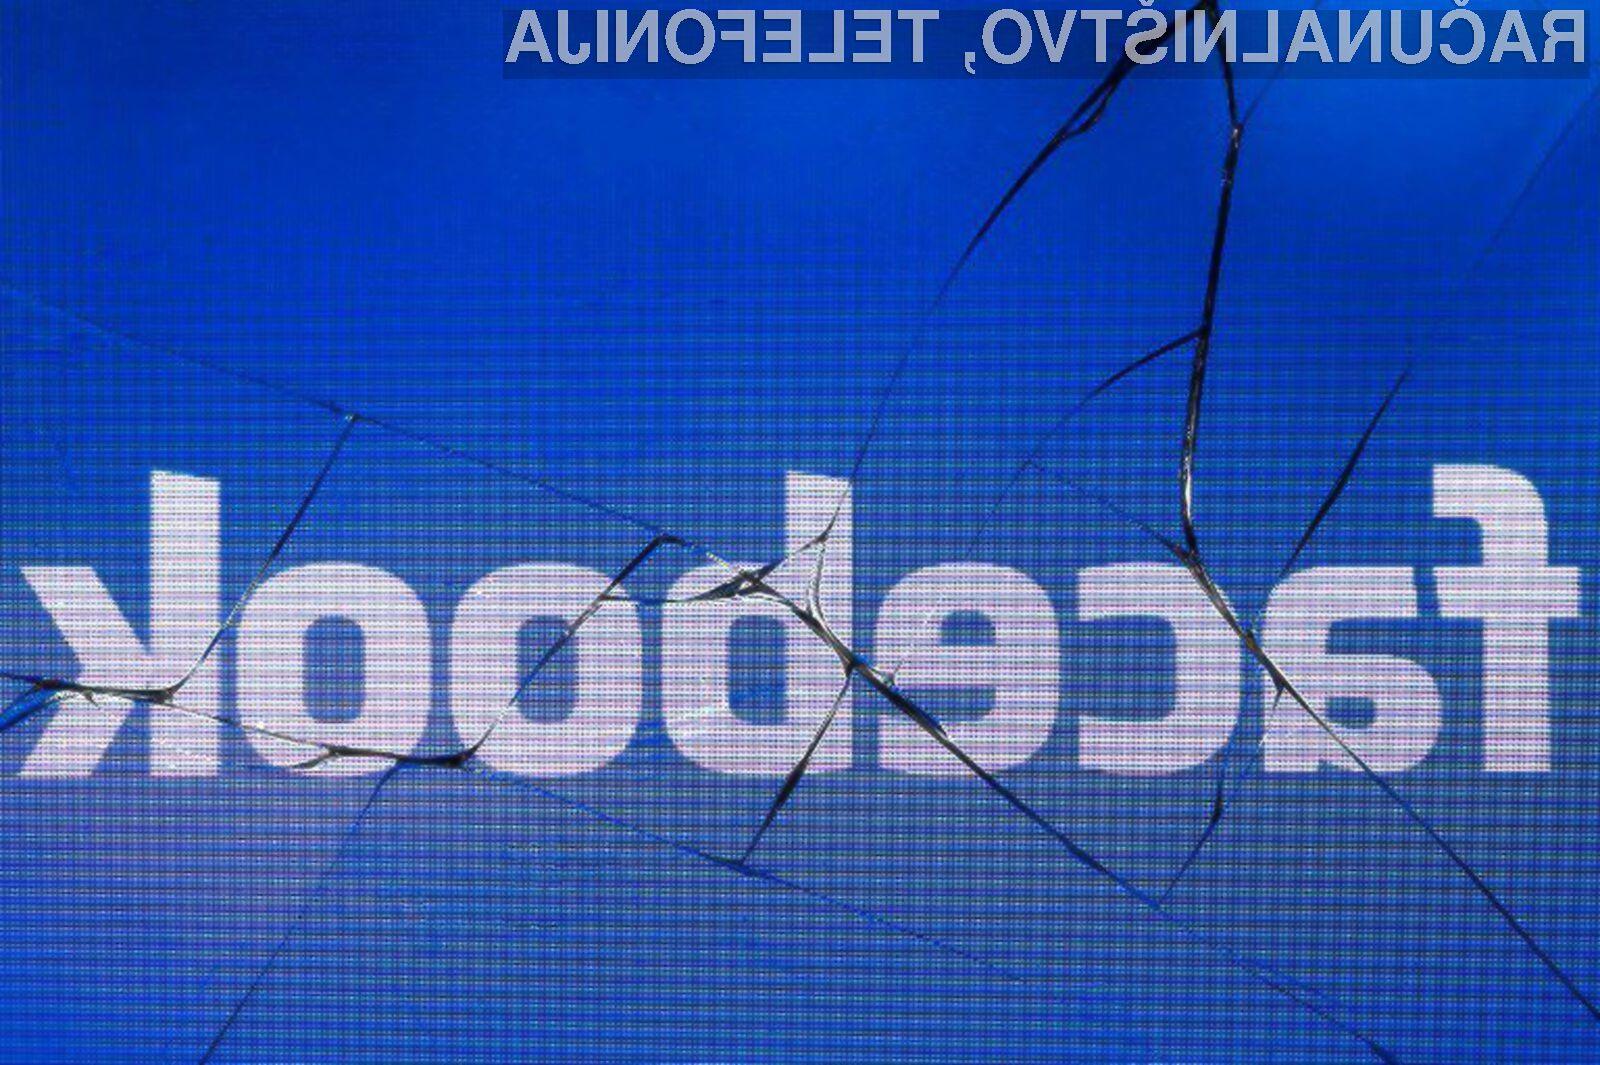 V nedavnem napadu na Facebook je bilo skupno zlorabljanjih nekaj manj kot 30 milijonov računov.